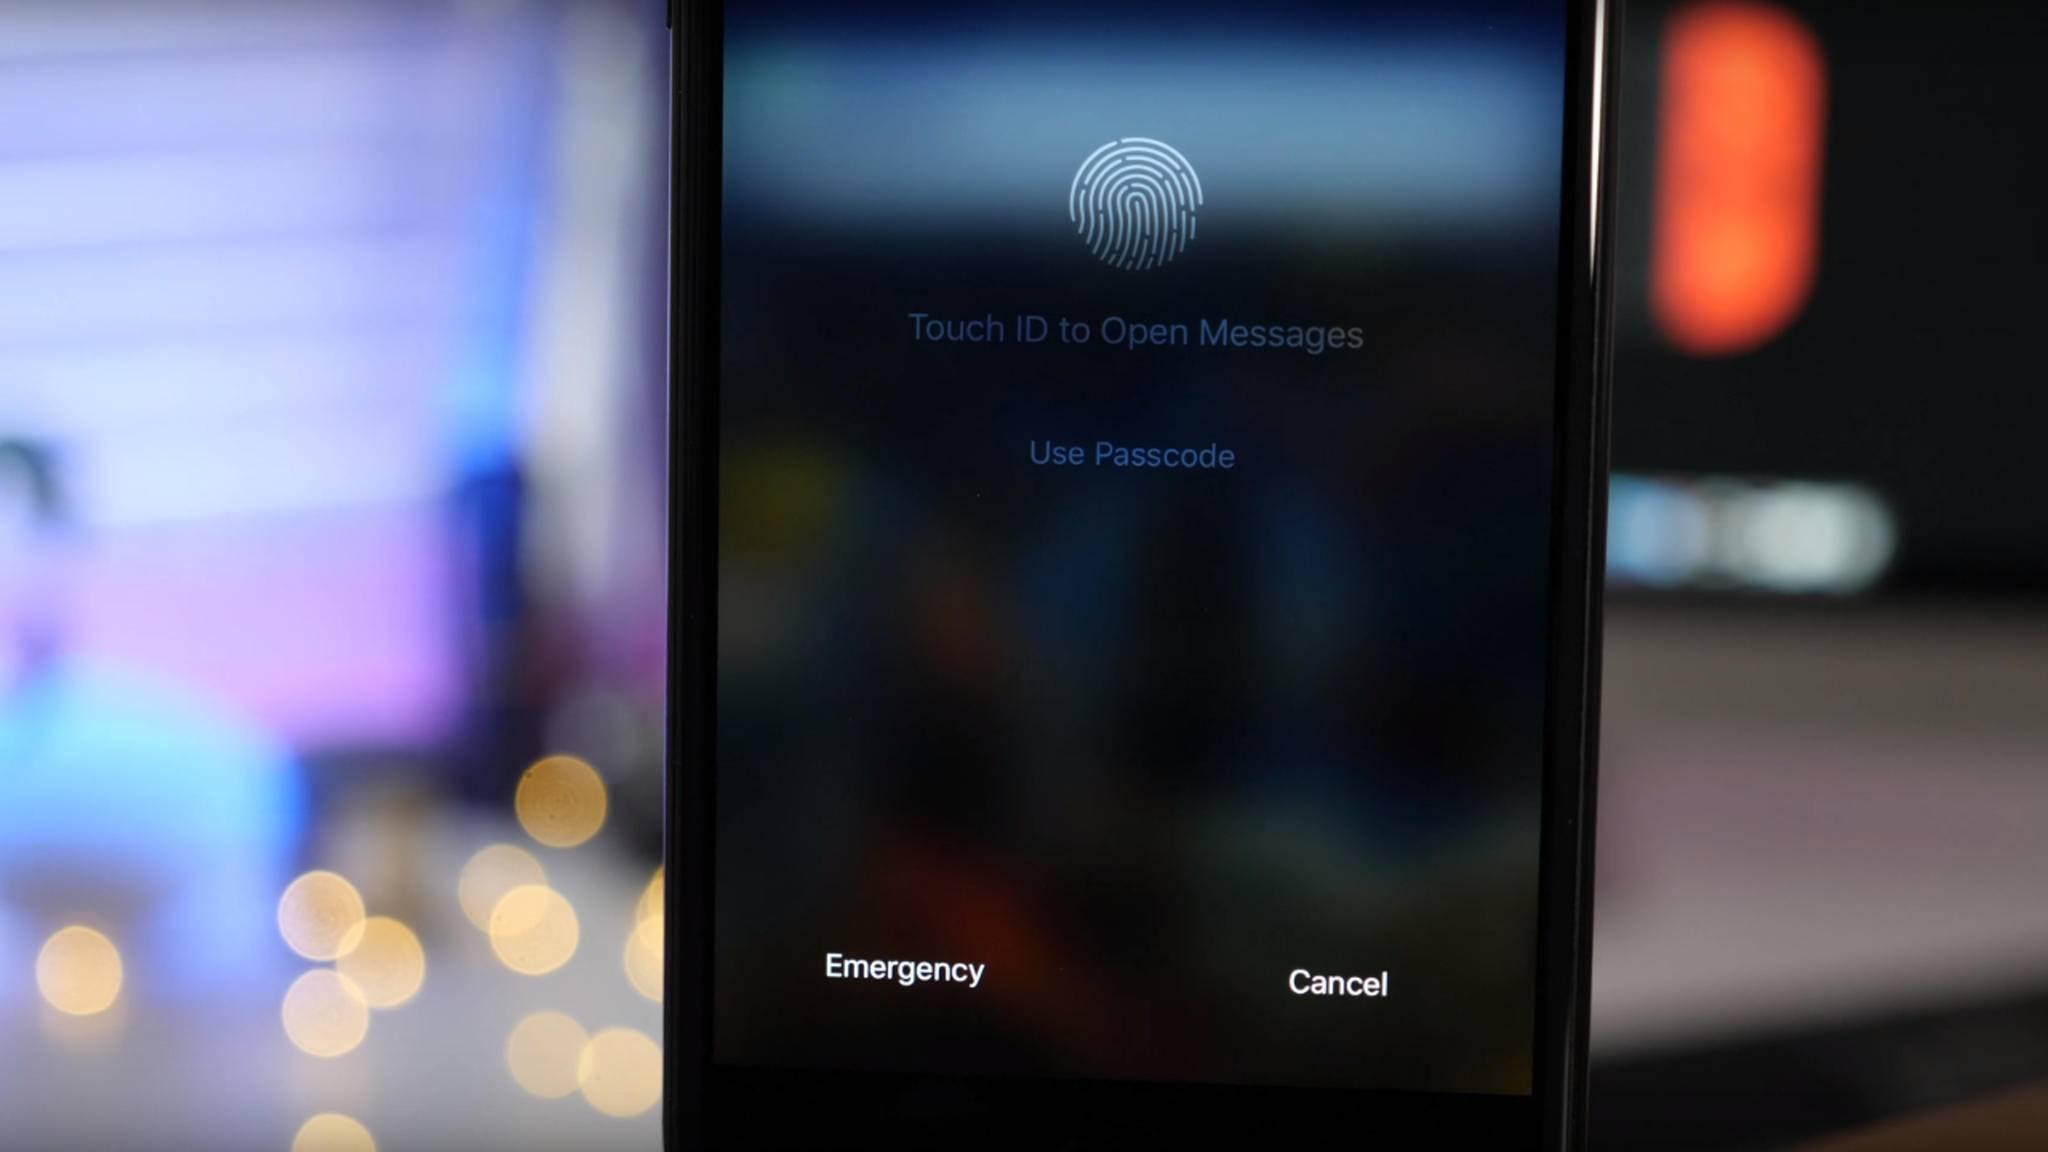 Eine neue Funktion in iOS 11 weist prominent auf Touch ID hin.